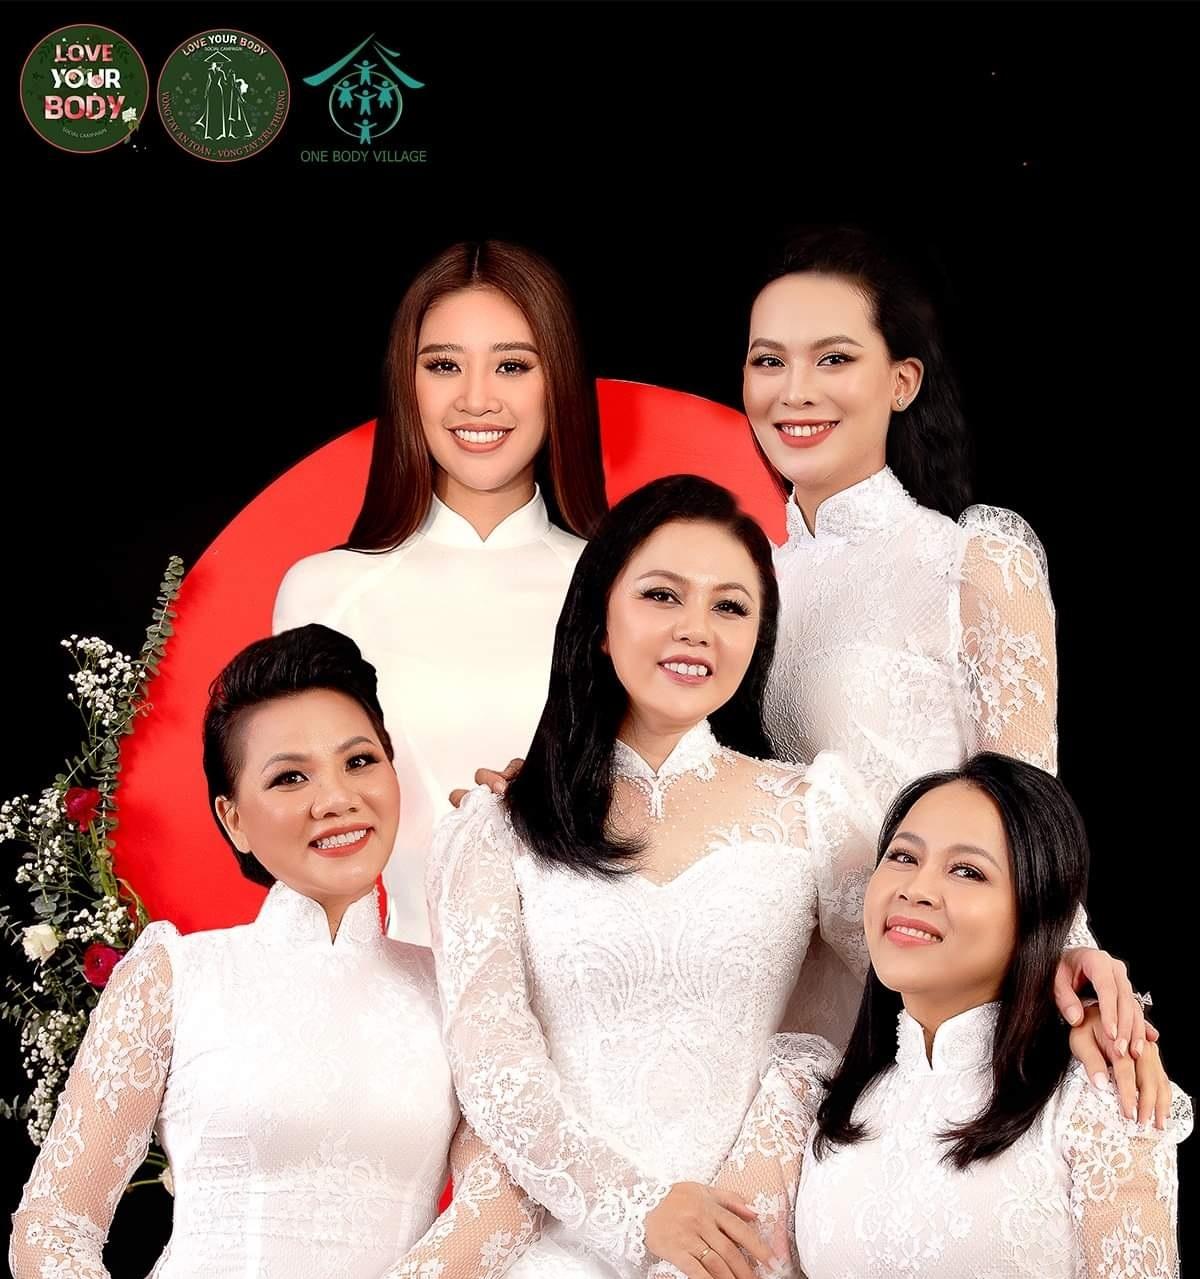 """Hoa hậu Hoàn Vũ Việt Nam Khánh Vân: Chặng đường """"làm chị cả"""" của tôi cần sự đồng lòng của những người mẹ can trường"""